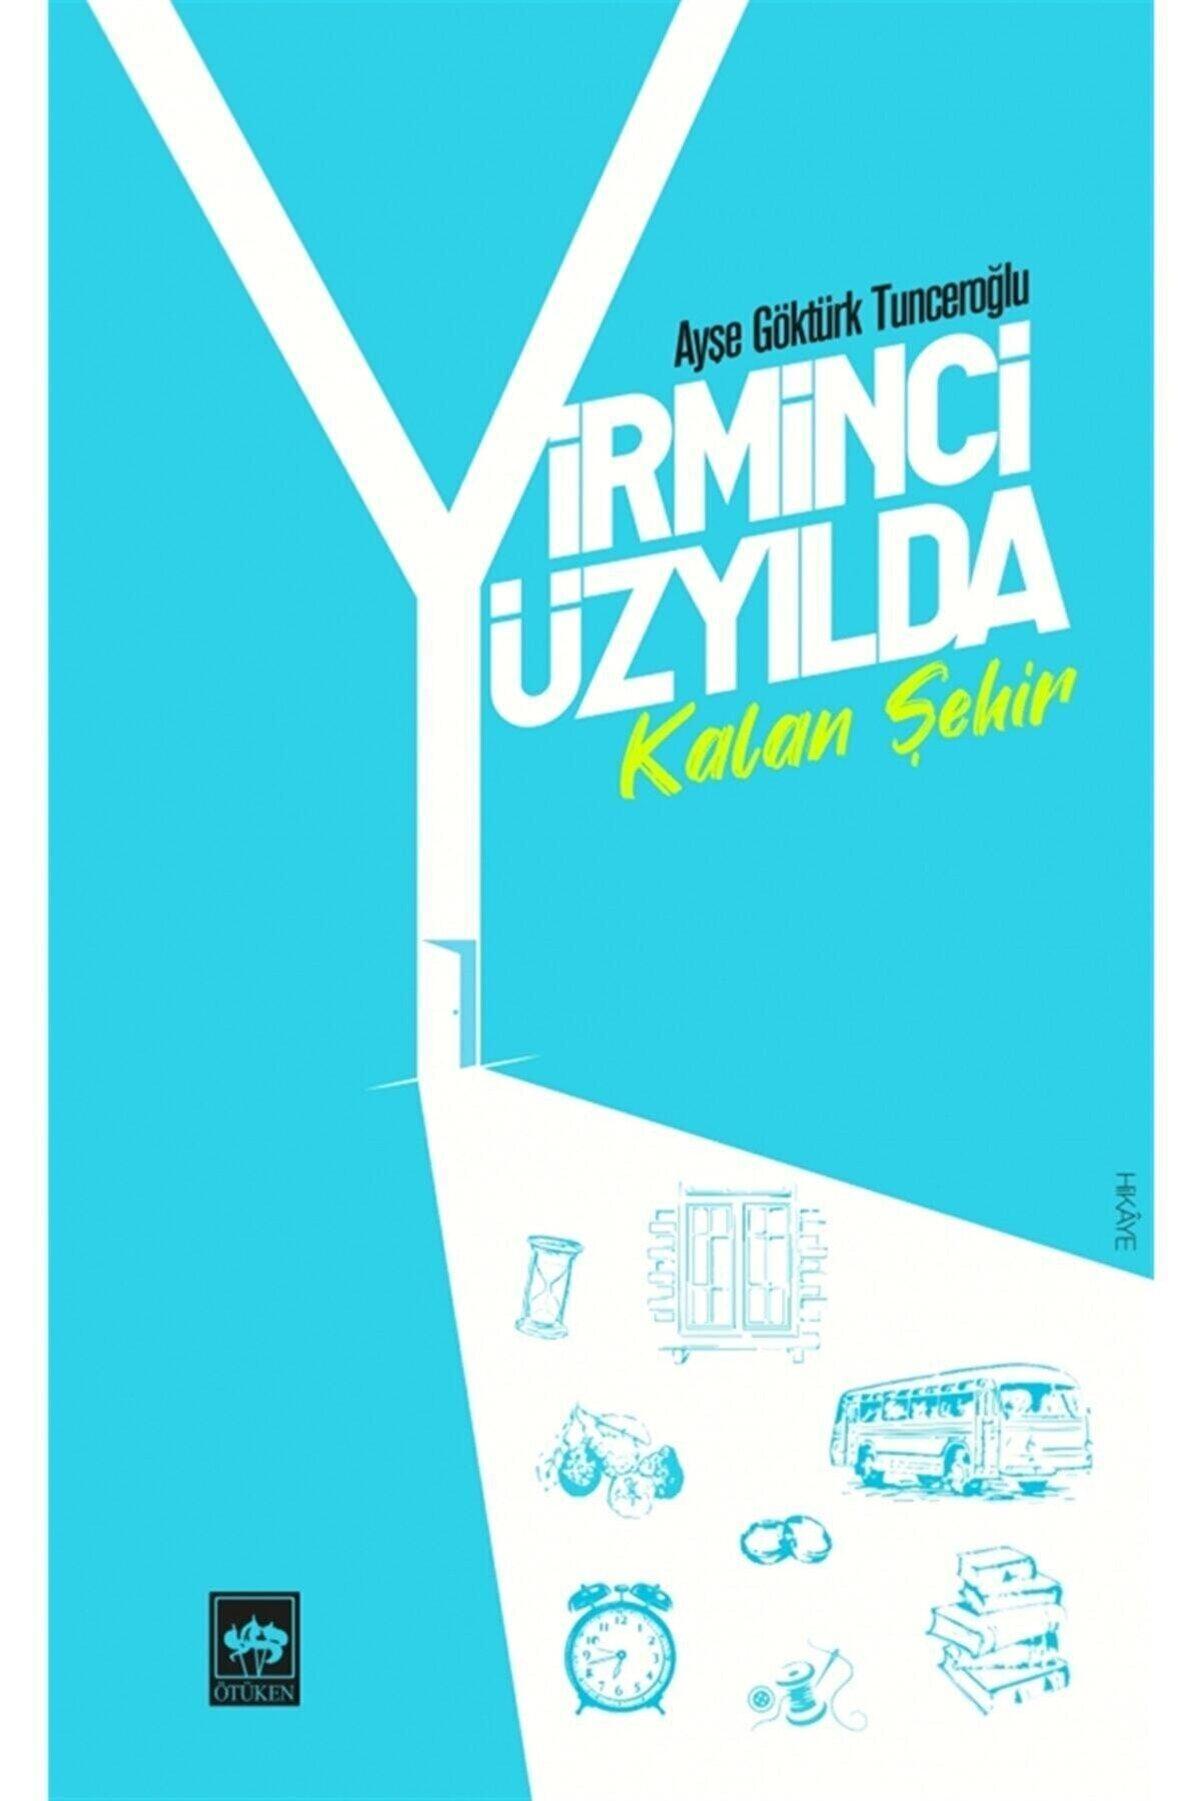 Ötüken Yayınları Yirminci Yüzyılda Kalan Şehir - Ayşe Göktürk Tunceroğlu 9786254080012